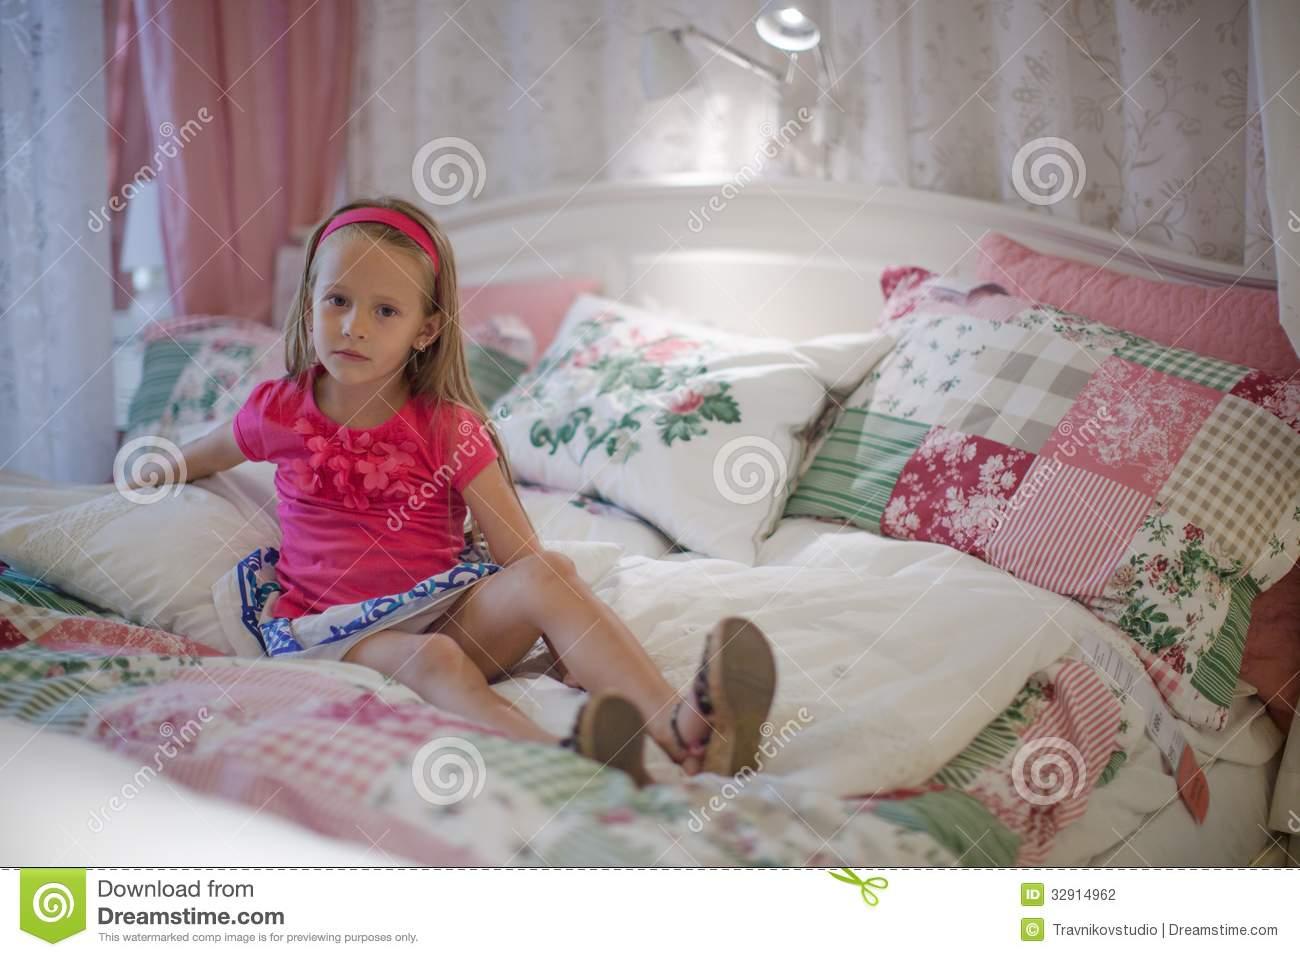 Full Size of Mädchen Bett Kleines Mdchen Schwarz Weiß 140x200 Mit Bettkasten Kopfteil Selber Bauen 2x2m Günstig Futon Betten Für Teenager Liegehöhe 60 Cm Mannheim Wohnzimmer Mädchen Bett